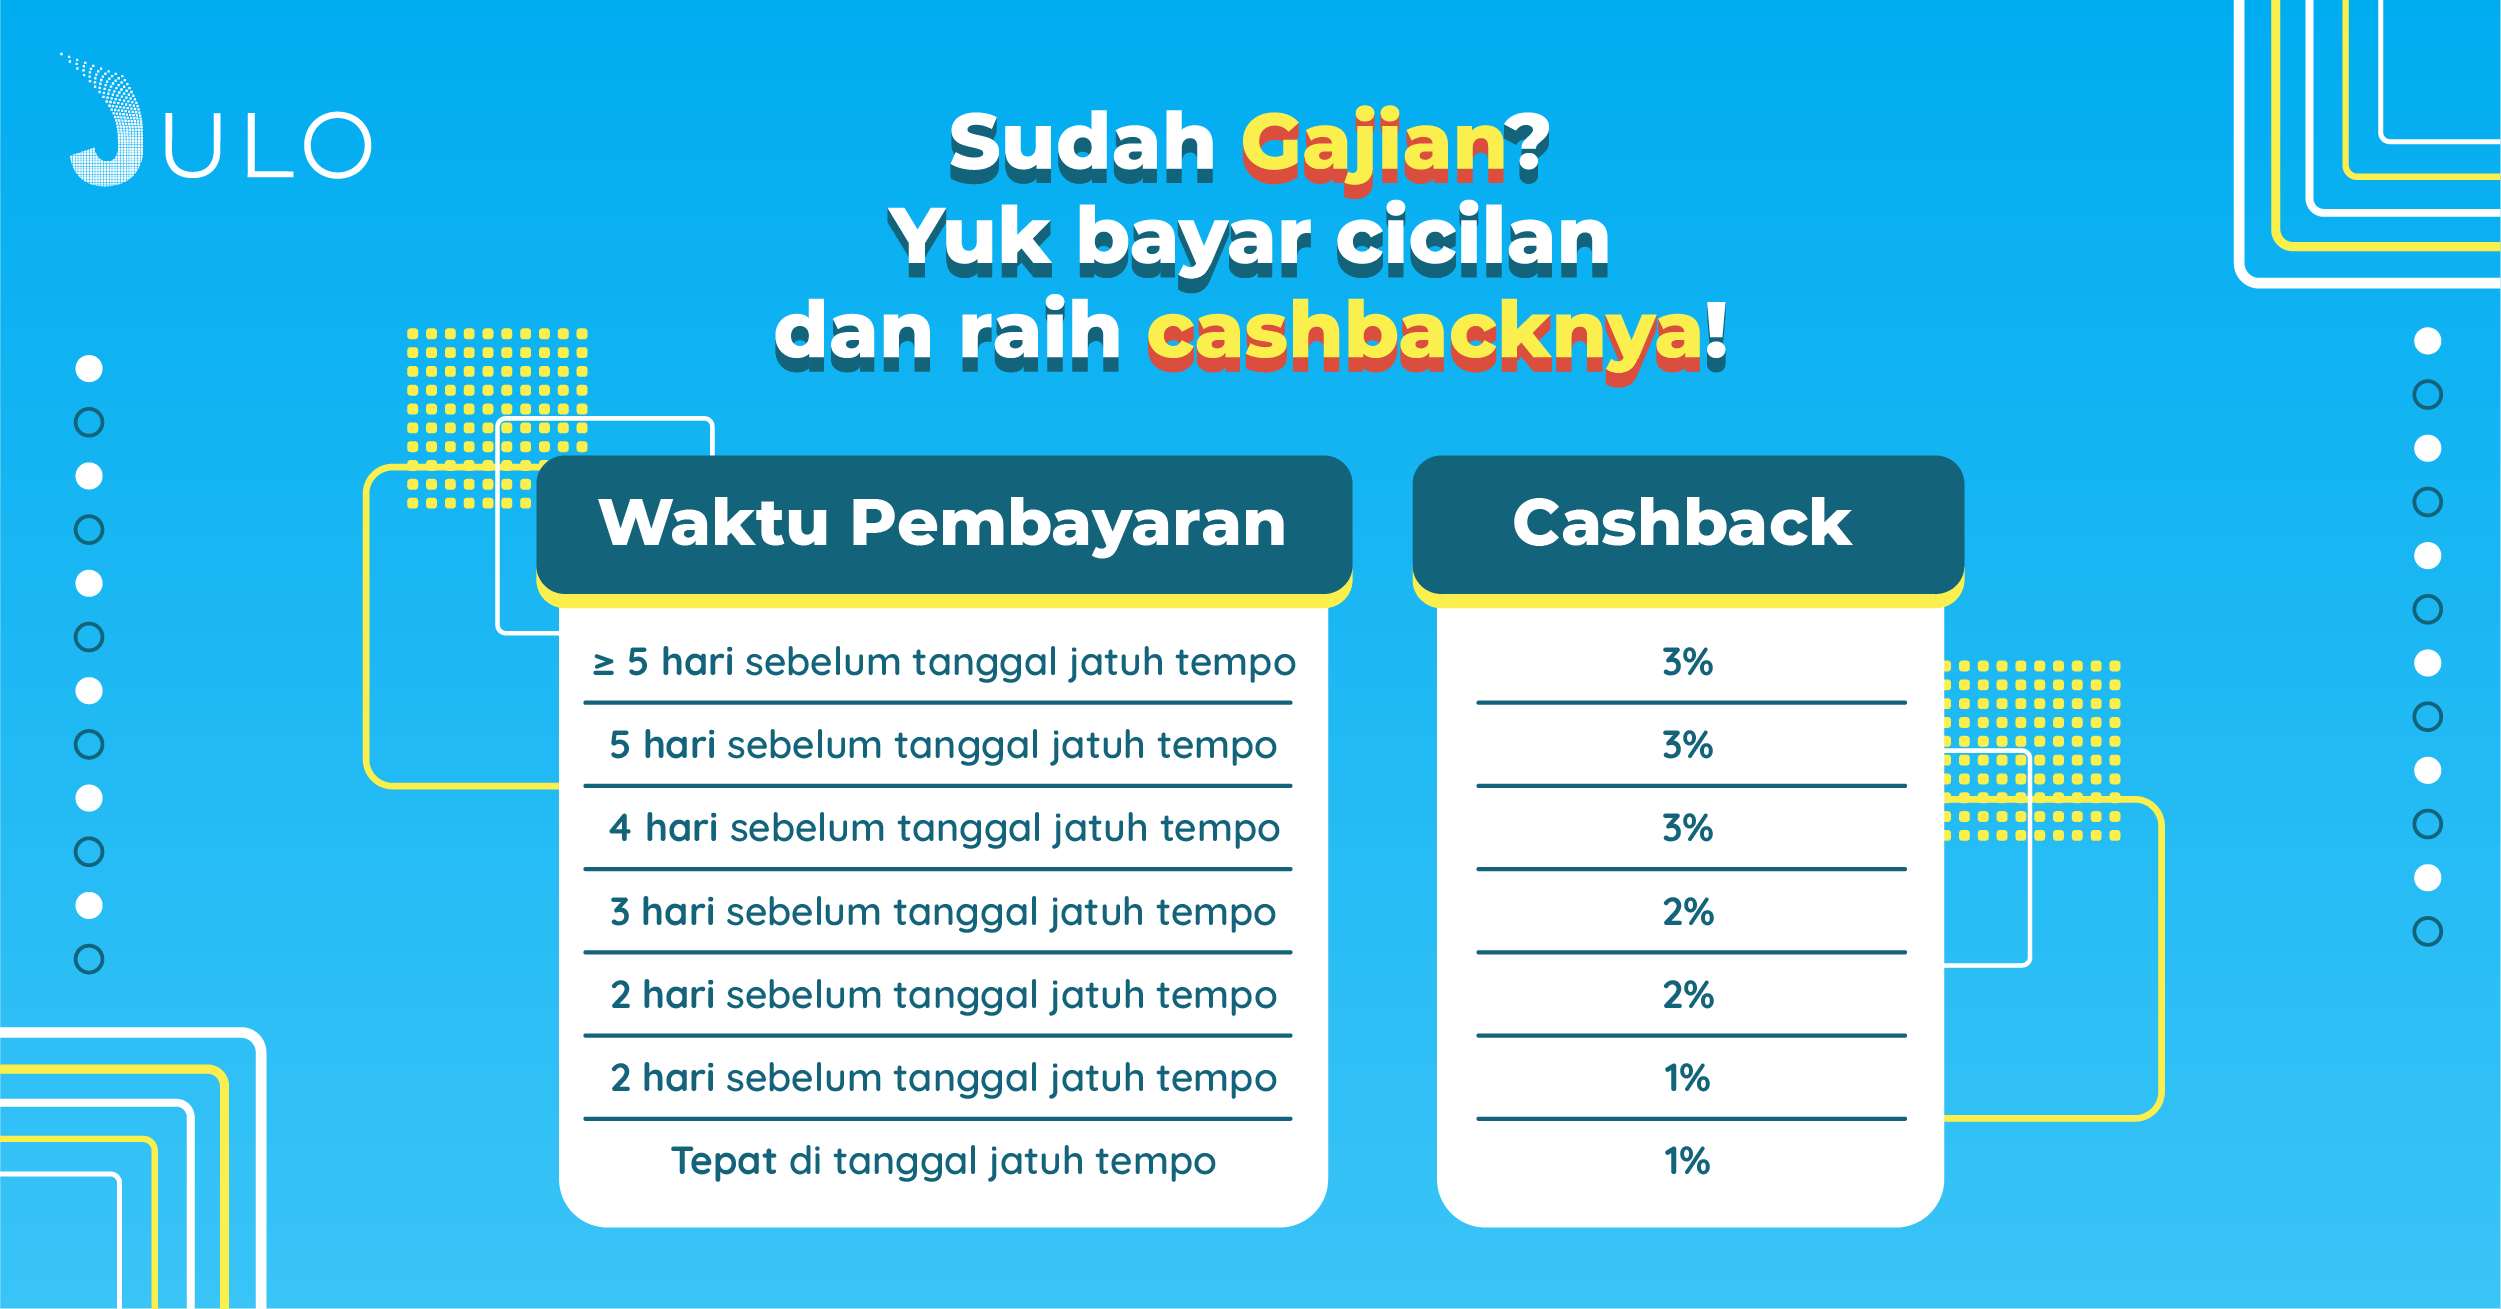 26022020 - Tabel Cashback_1200x628.png